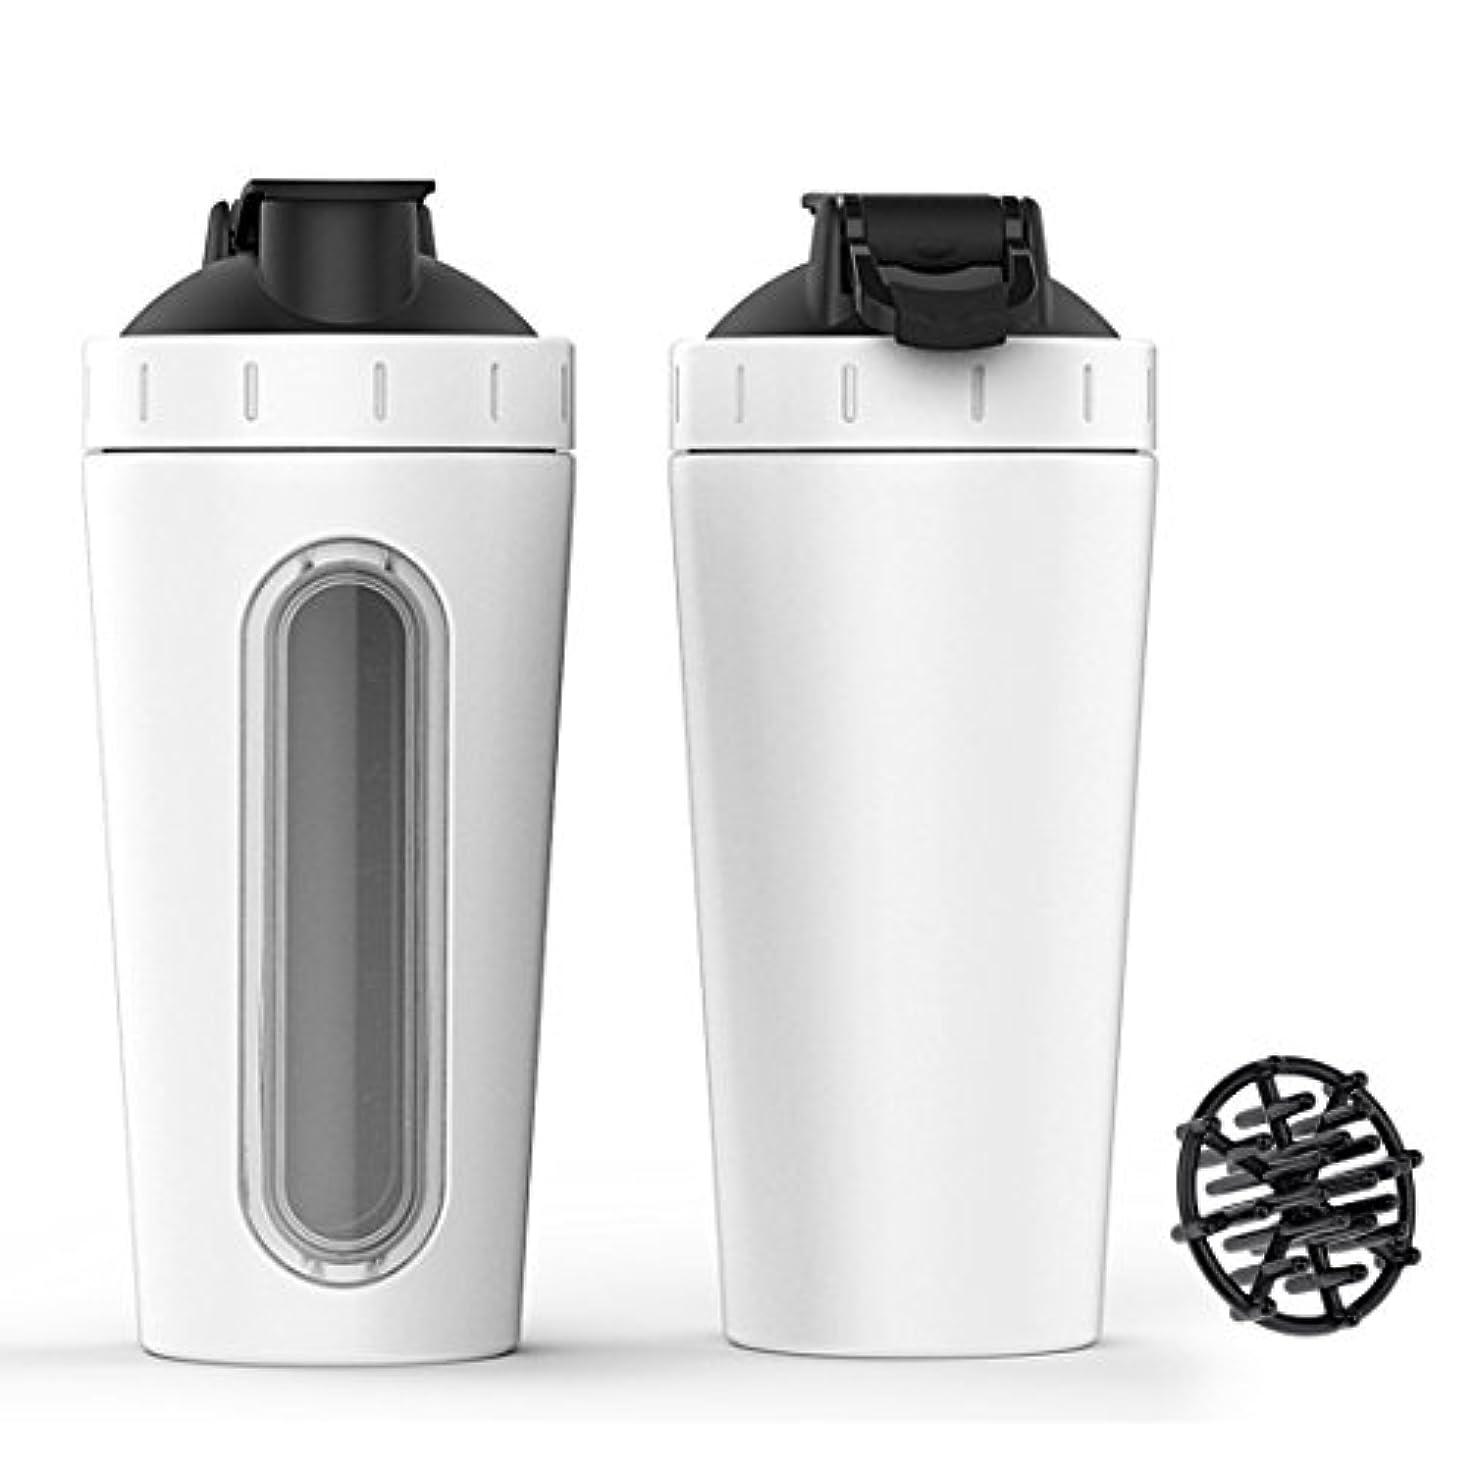 人工的な星鉱石ステンレススチール スポーツウォーターボトル プロテインミルクセーキーシェーカーカップ 可視ウィンドウ ホワイト